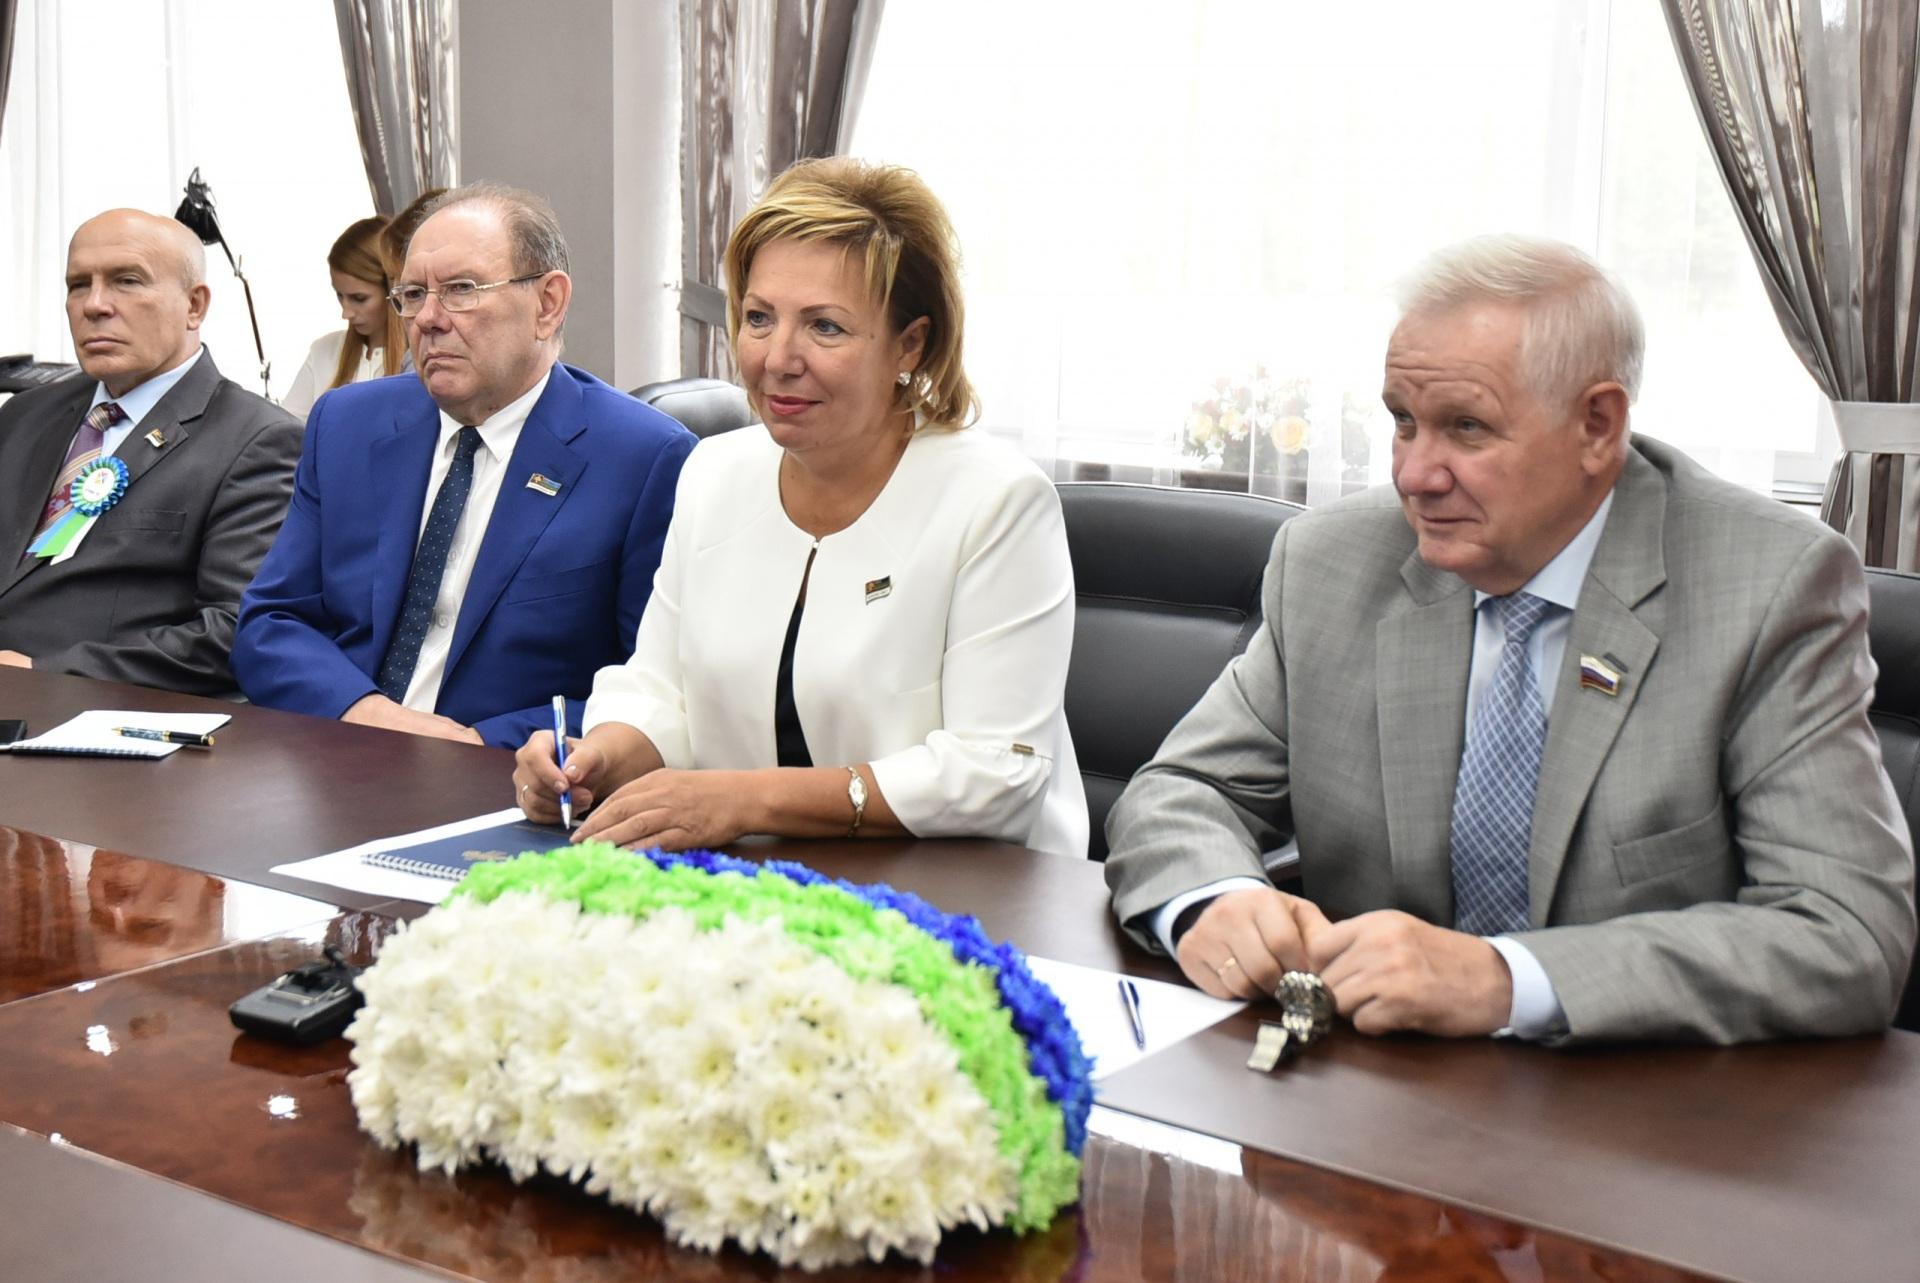 Надежда Дорофеева и Николай Федоров обсудили вопросы межпарламентского взаимодействия